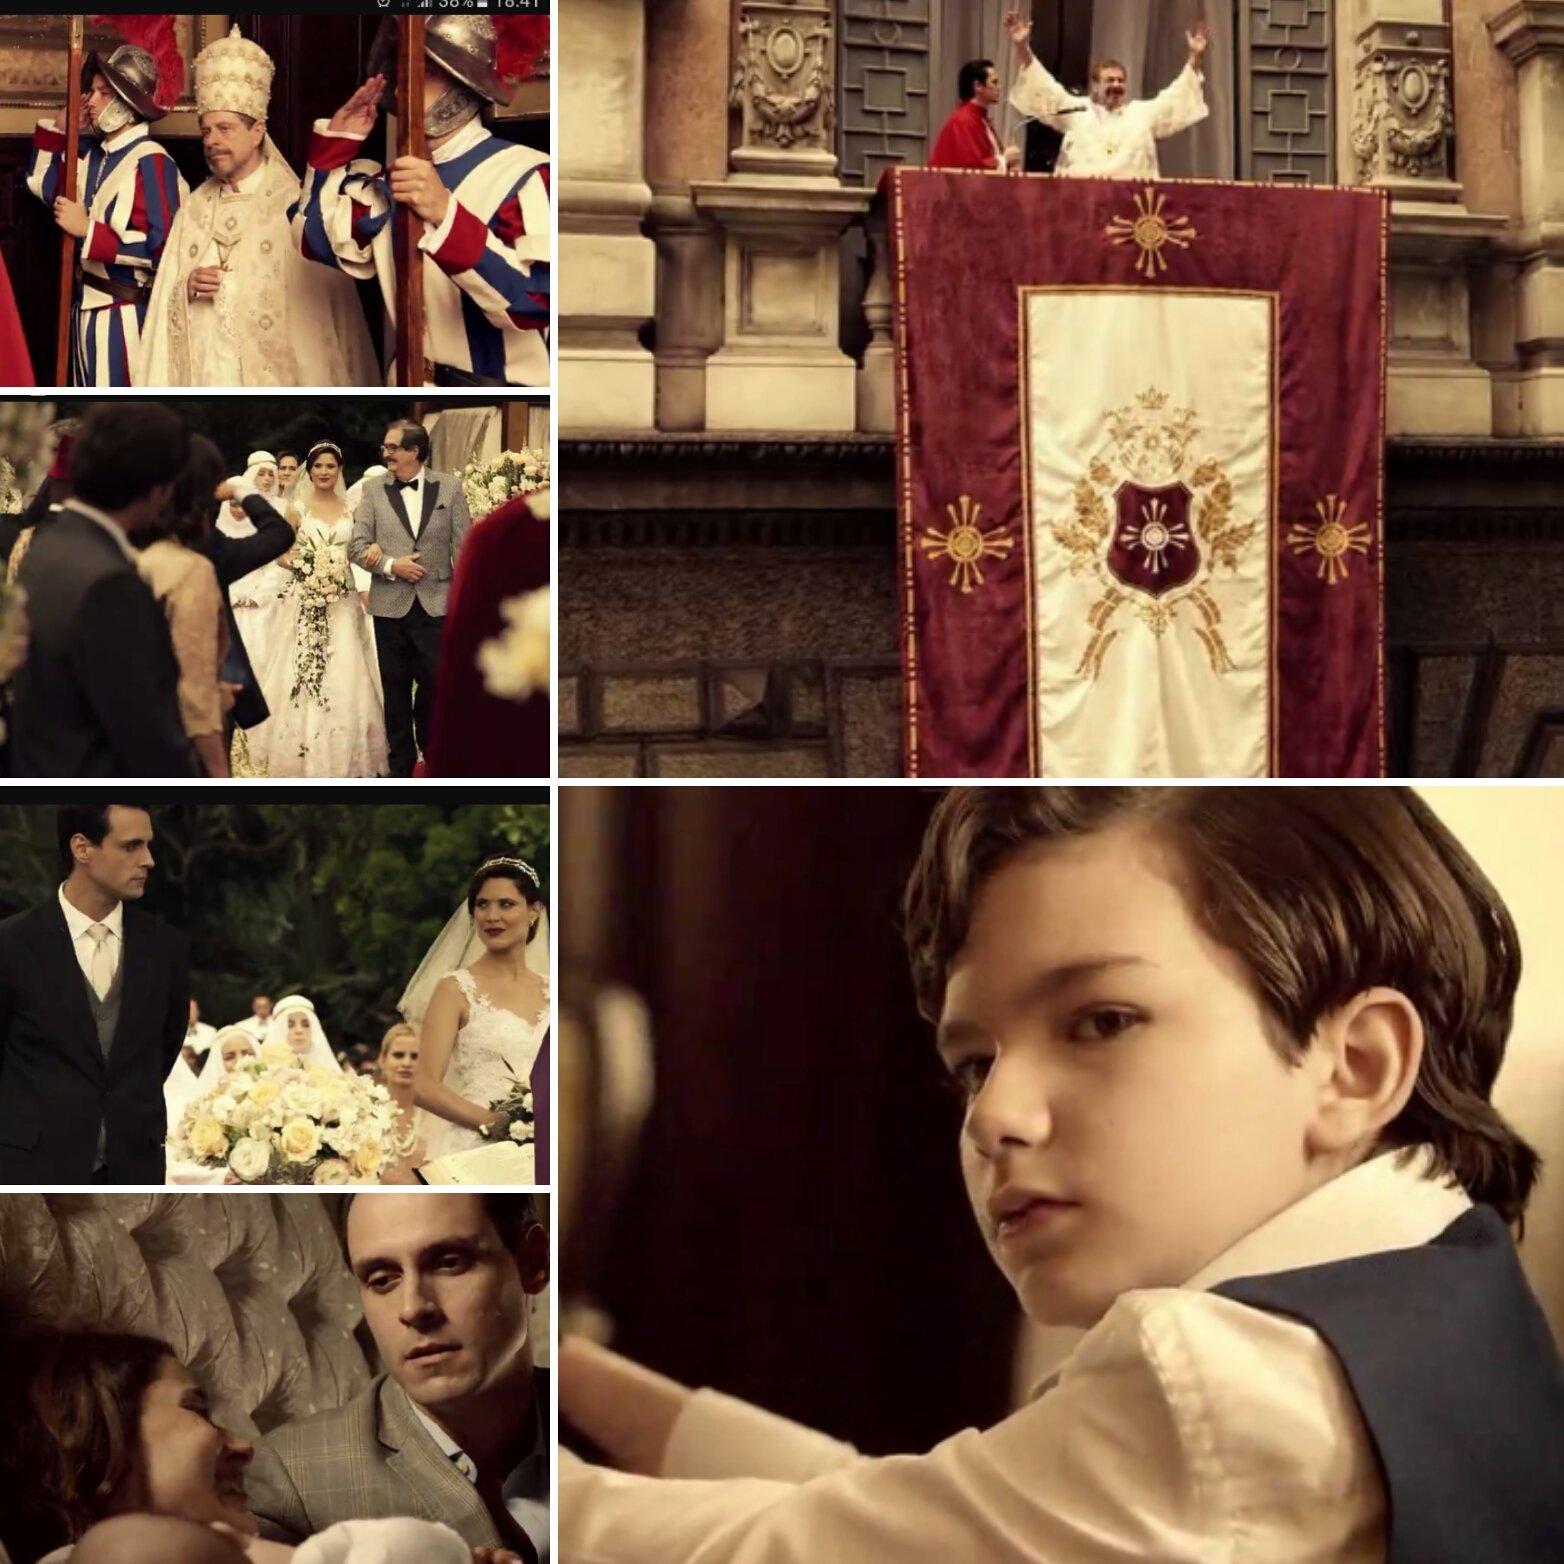 Recortes de cenas da novela Apocalipse, fazendo alusão a Igreja Católica (Foto: Reprodução)